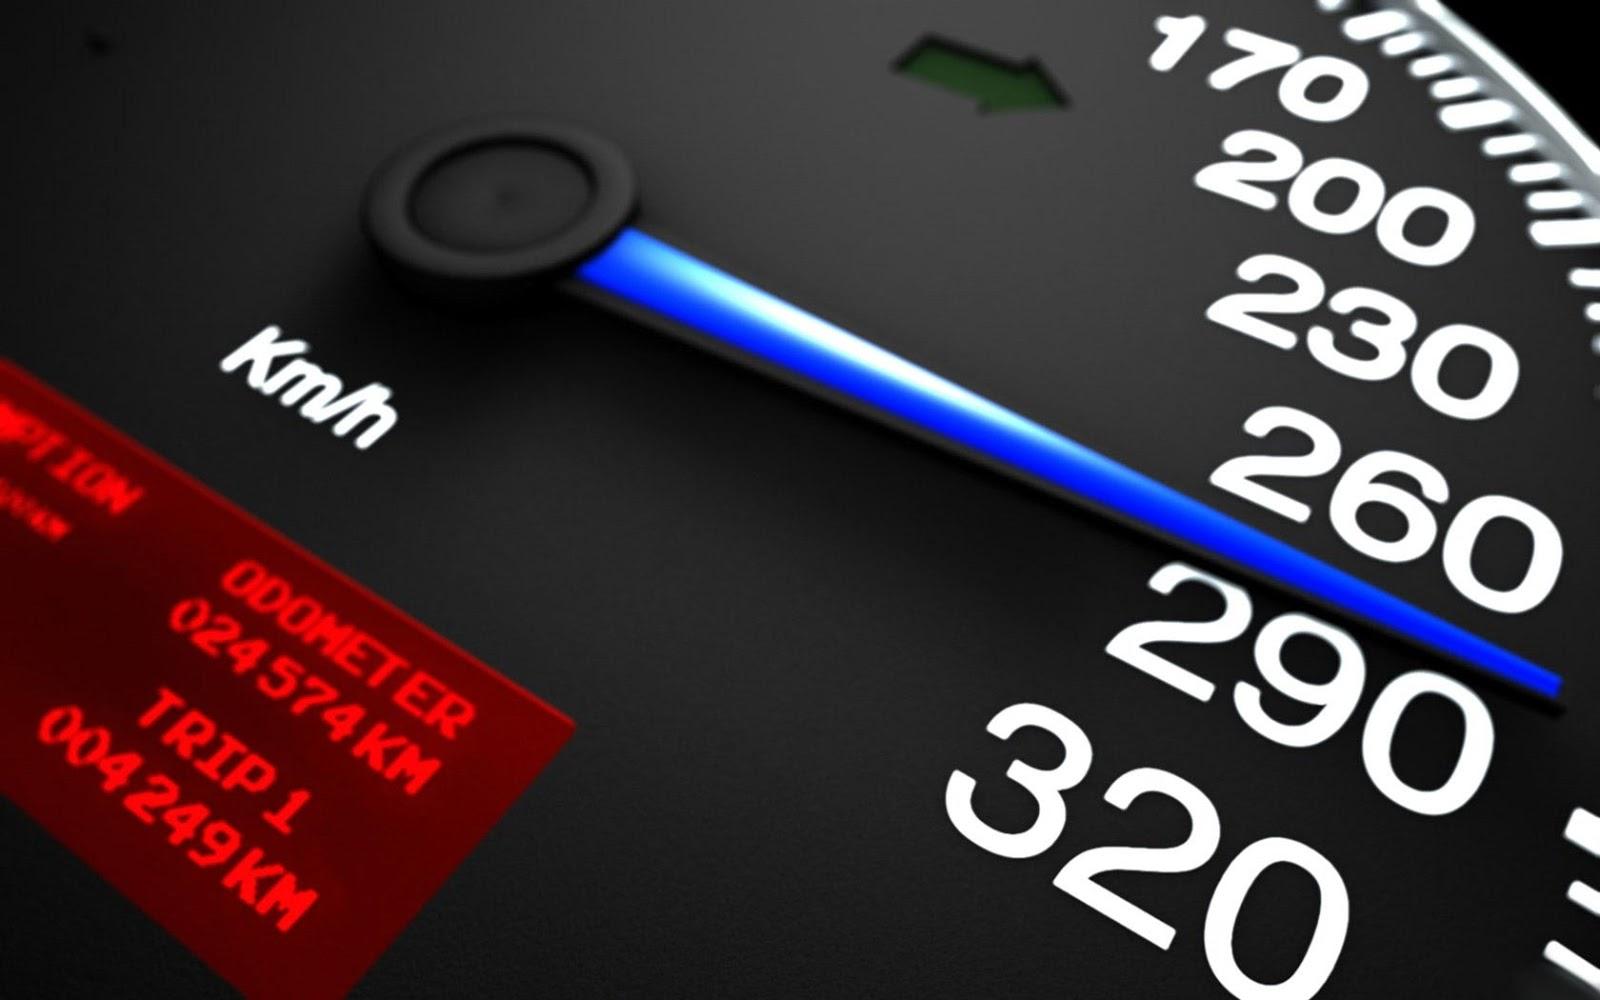 http://3.bp.blogspot.com/-515lc5O74nI/UMRezIBYAqI/AAAAAAAAEDU/gQ5BsjlioSY/s1600/Intel_Core_i7_high_speed.jpg